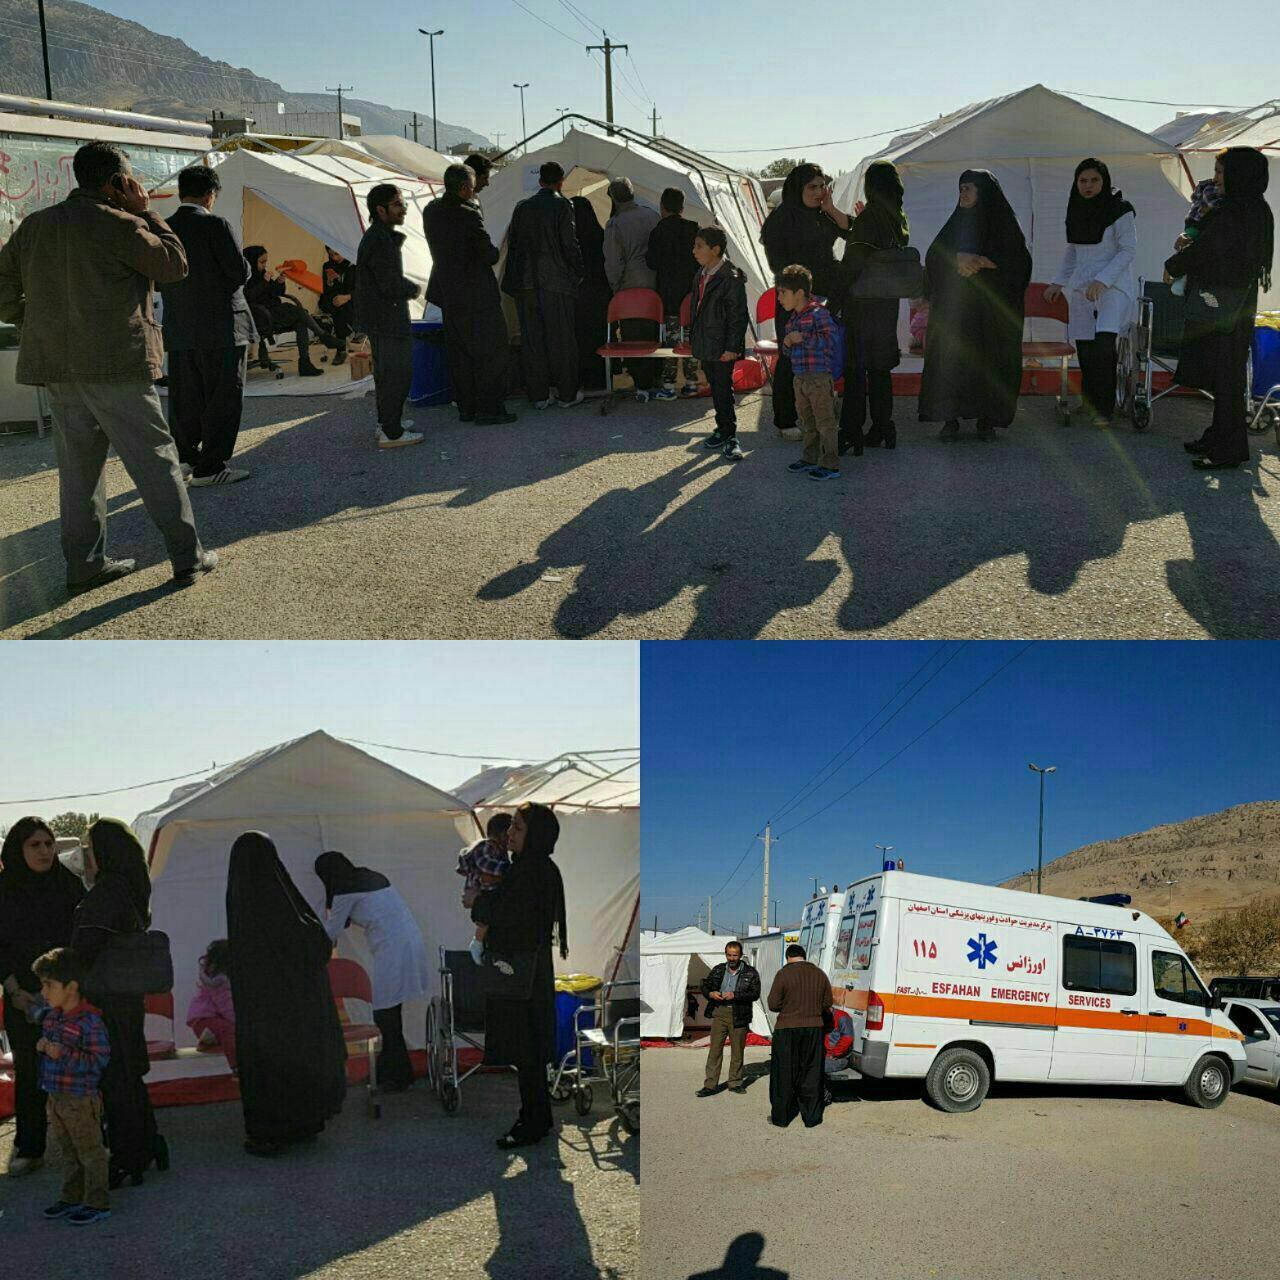 ویزیت بیماران توسط پزشکان در چادرهای امدادی کرمانشاه